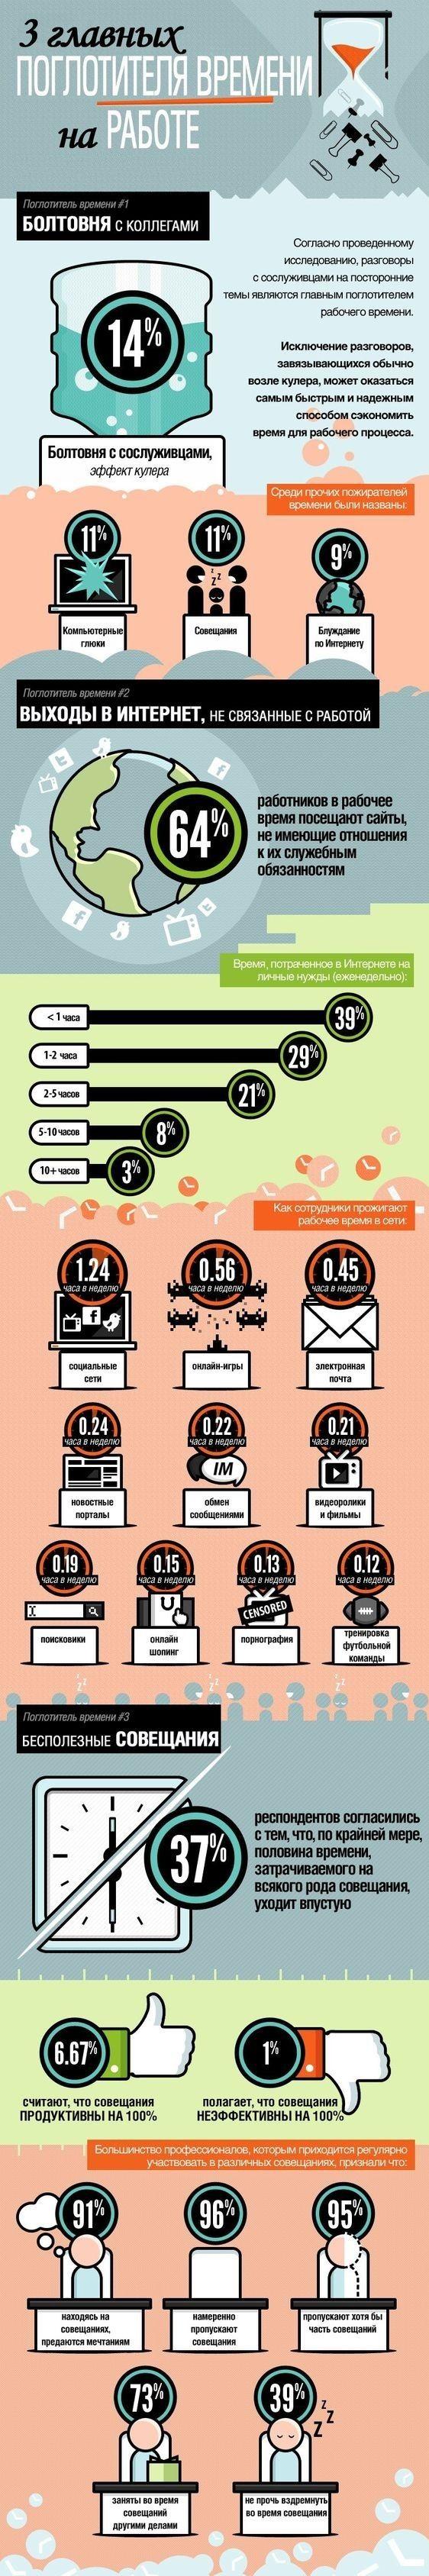 3 главных поглотителя времени на работе инфографика, поглотители времени, работа, длиннопост